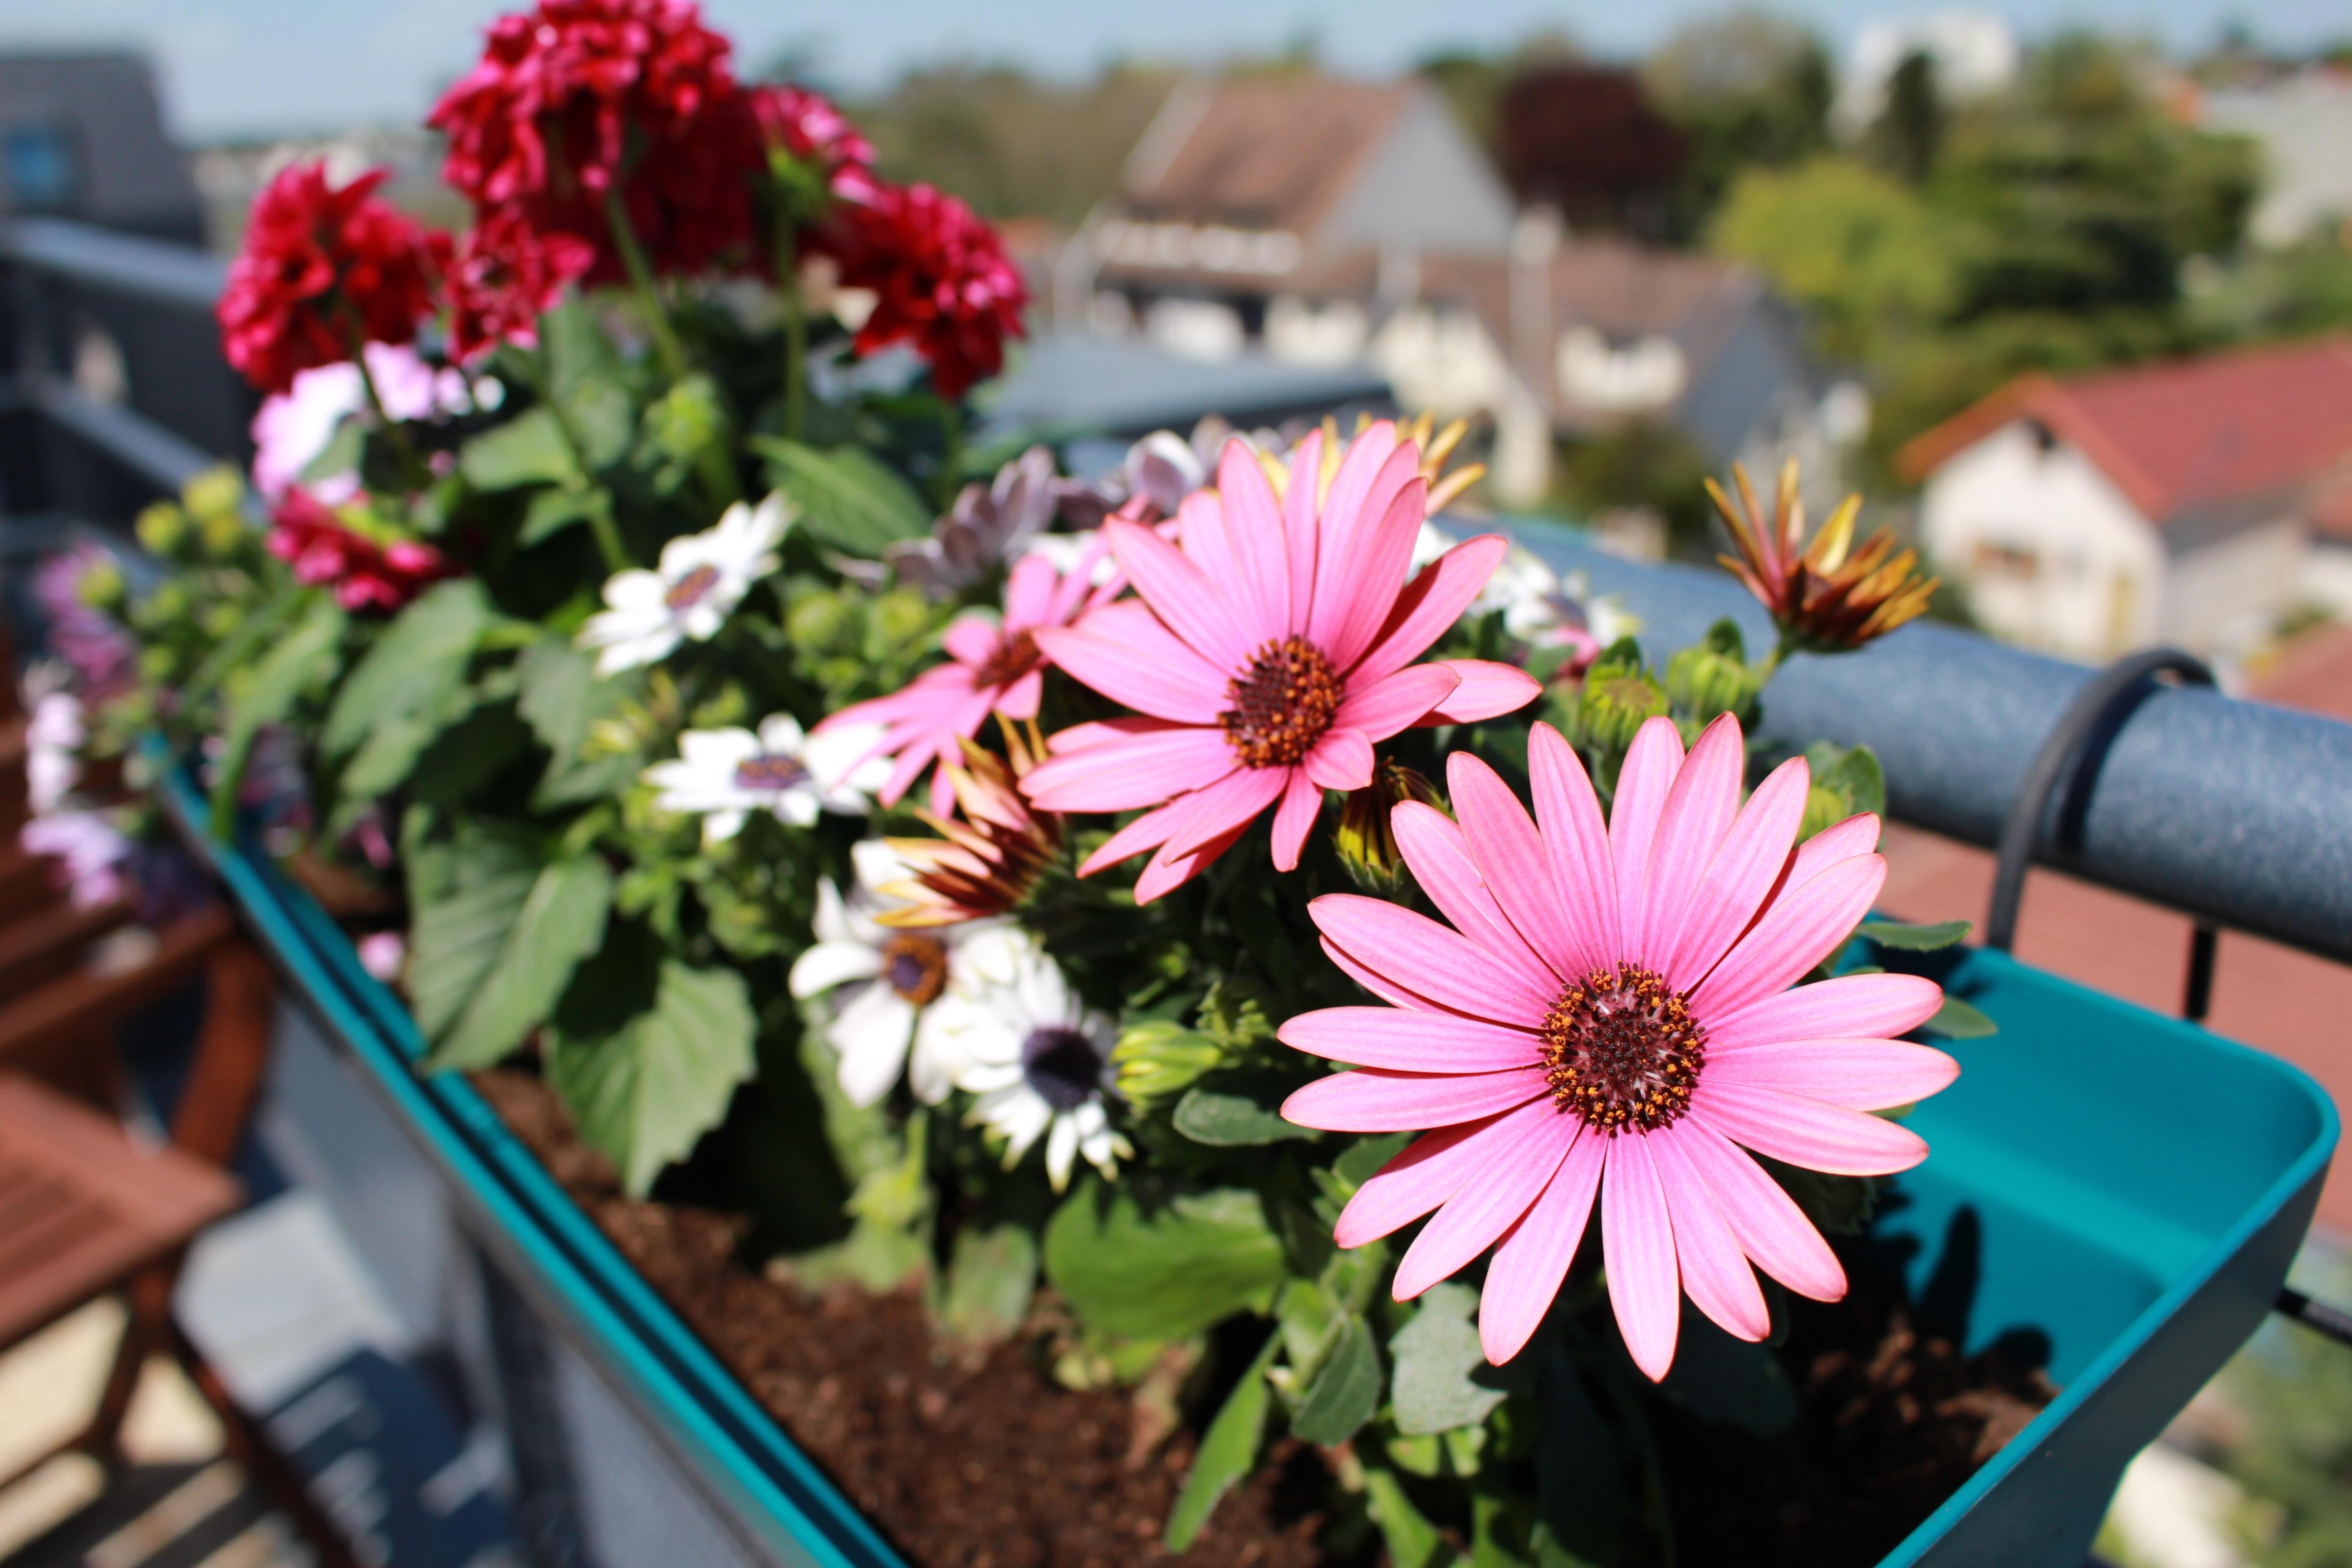 Pflanze Blume Blütenblatt Balkon Frühling Garten Flora Blumen Dahlie  Floristik Pinke Blumen Blühende Pflanze Gänseblümchenfamilie Blumenstrauß